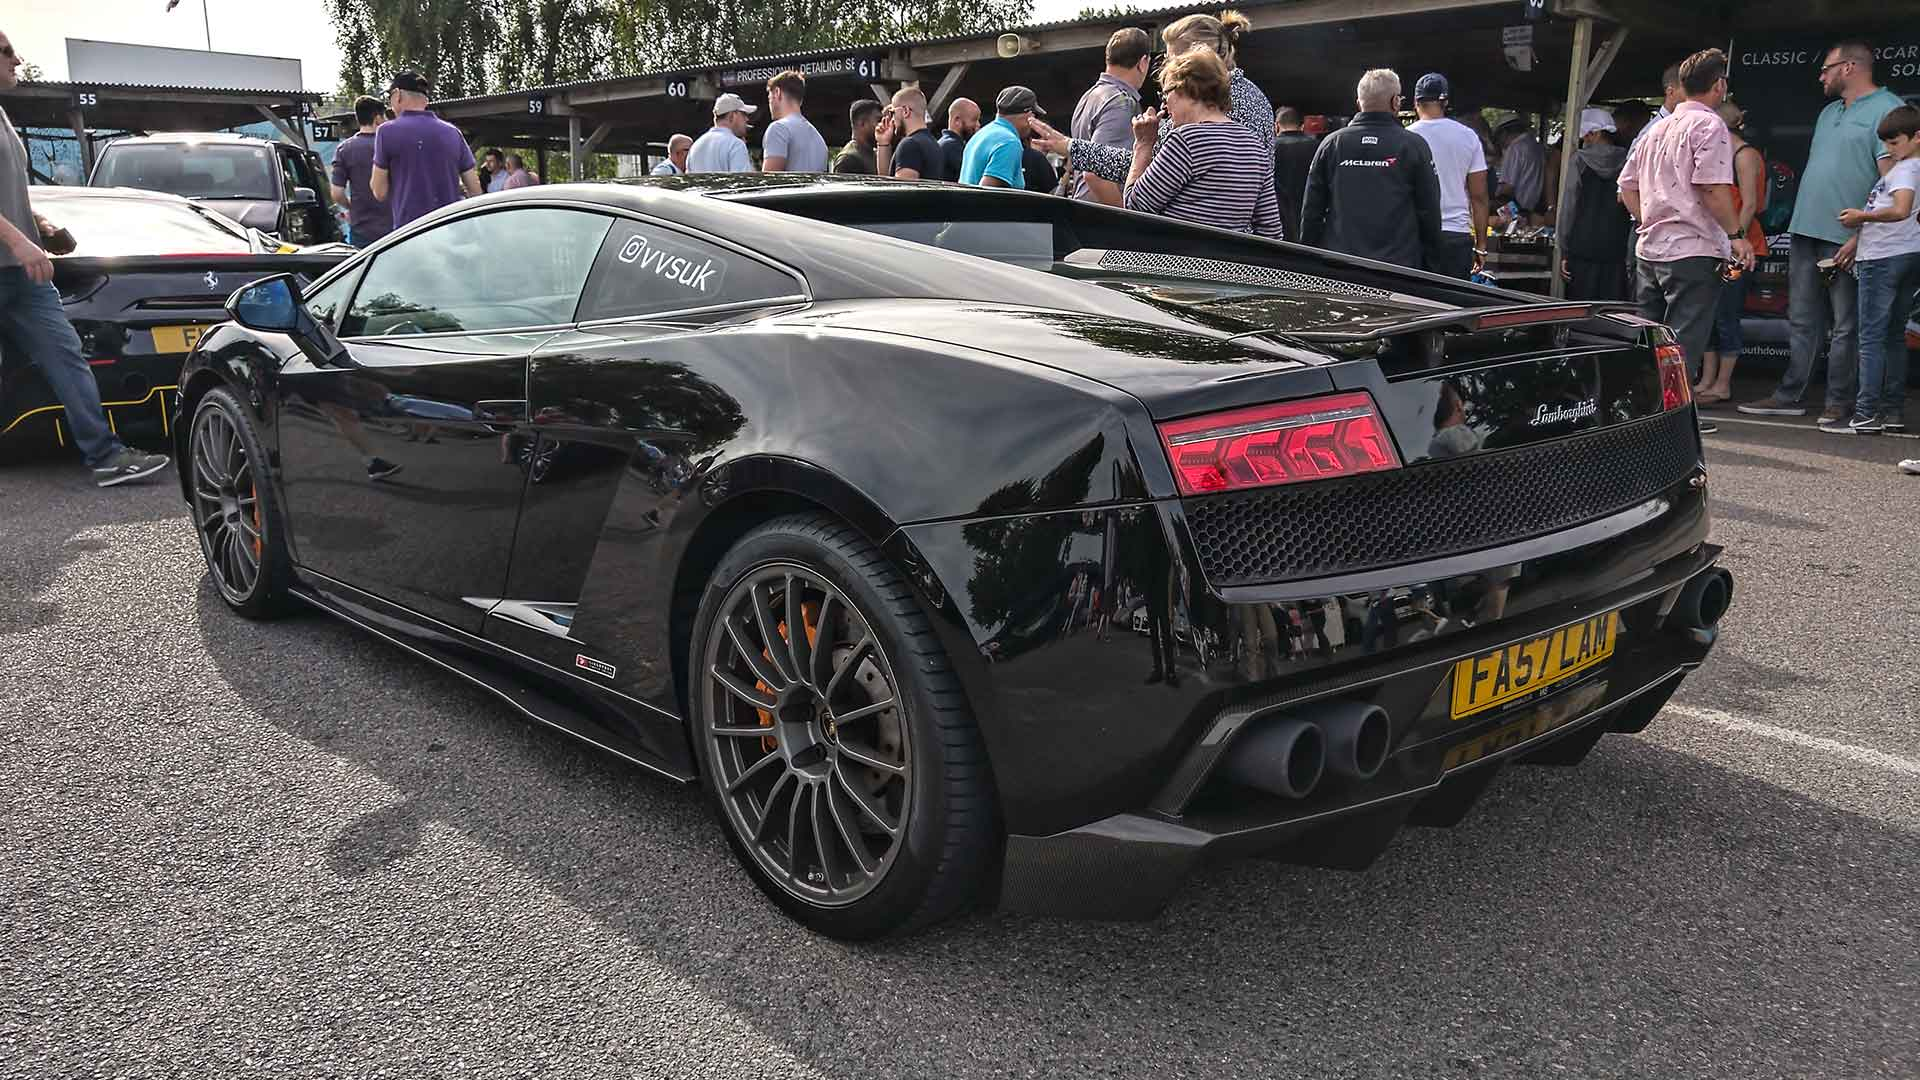 Lamborghini Gallardo at Goodwood Supercar Sunday